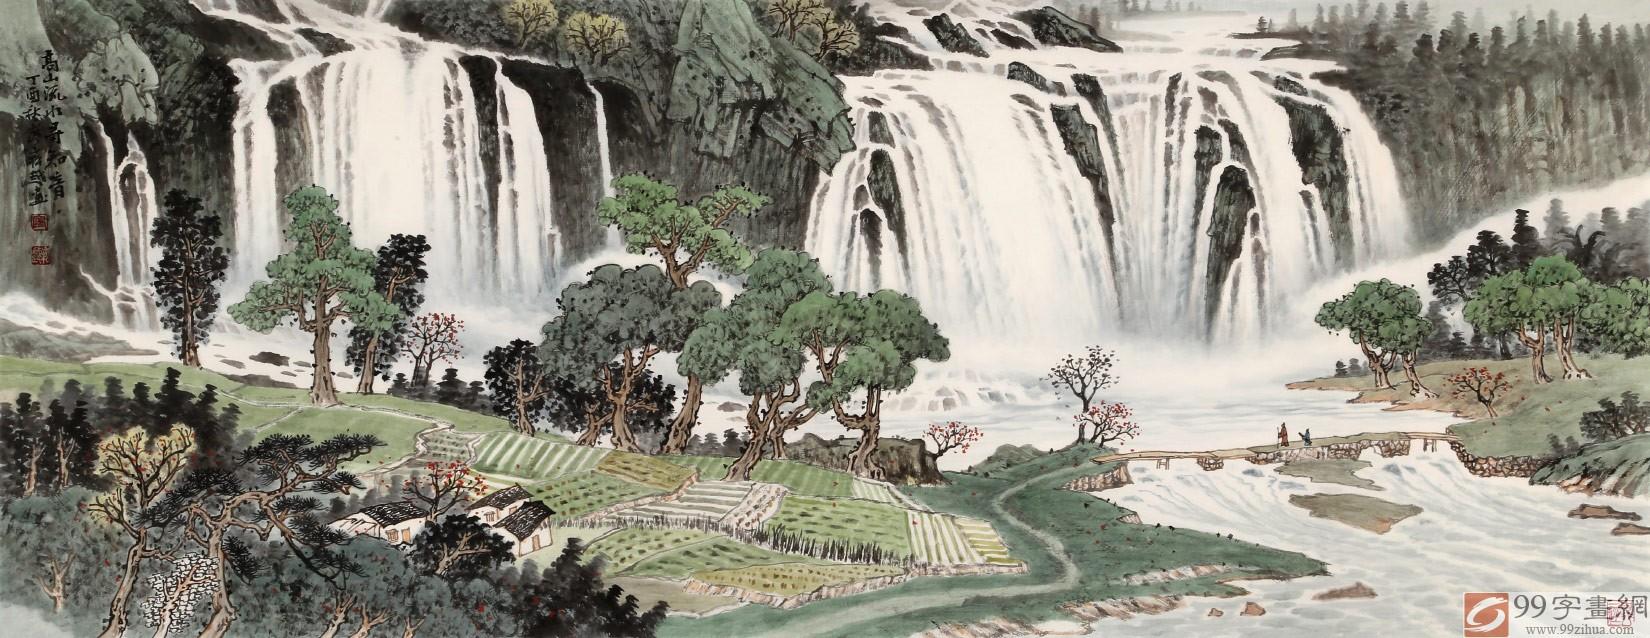 廖崧越 小六尺《高山流水寻知音》 广西桂林美协会员